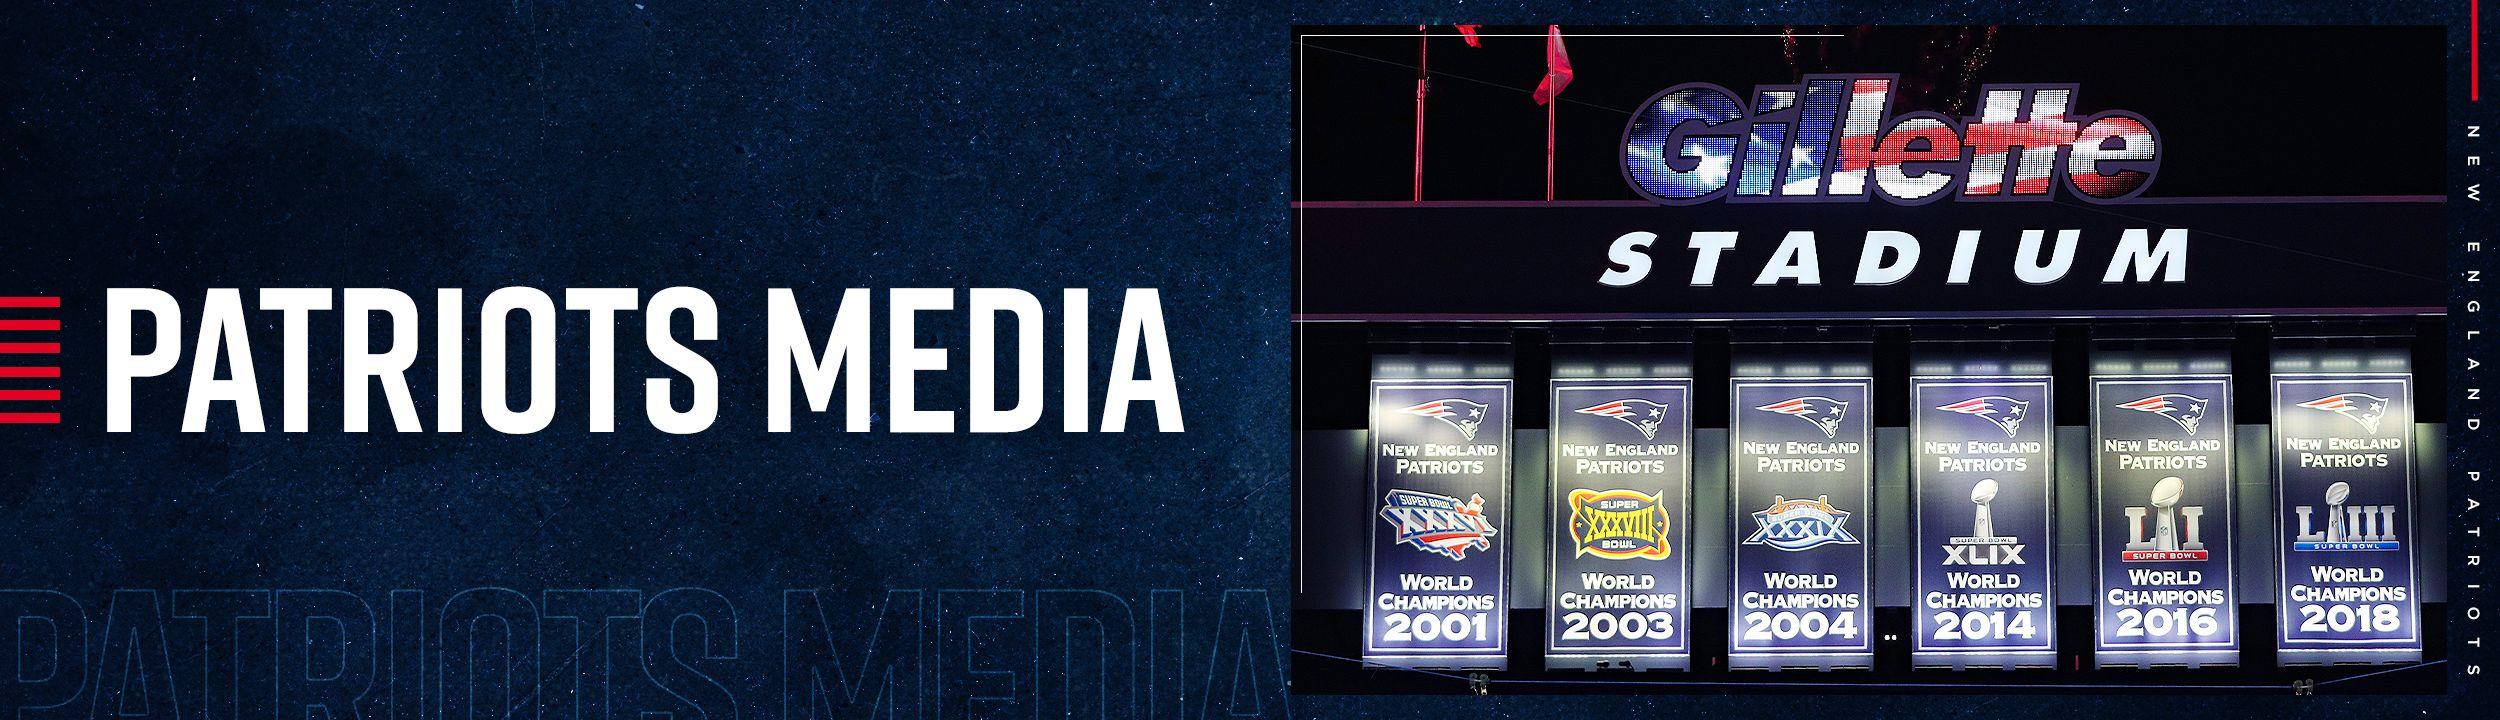 2020-PDCHeader-PatriotsMedia[1]